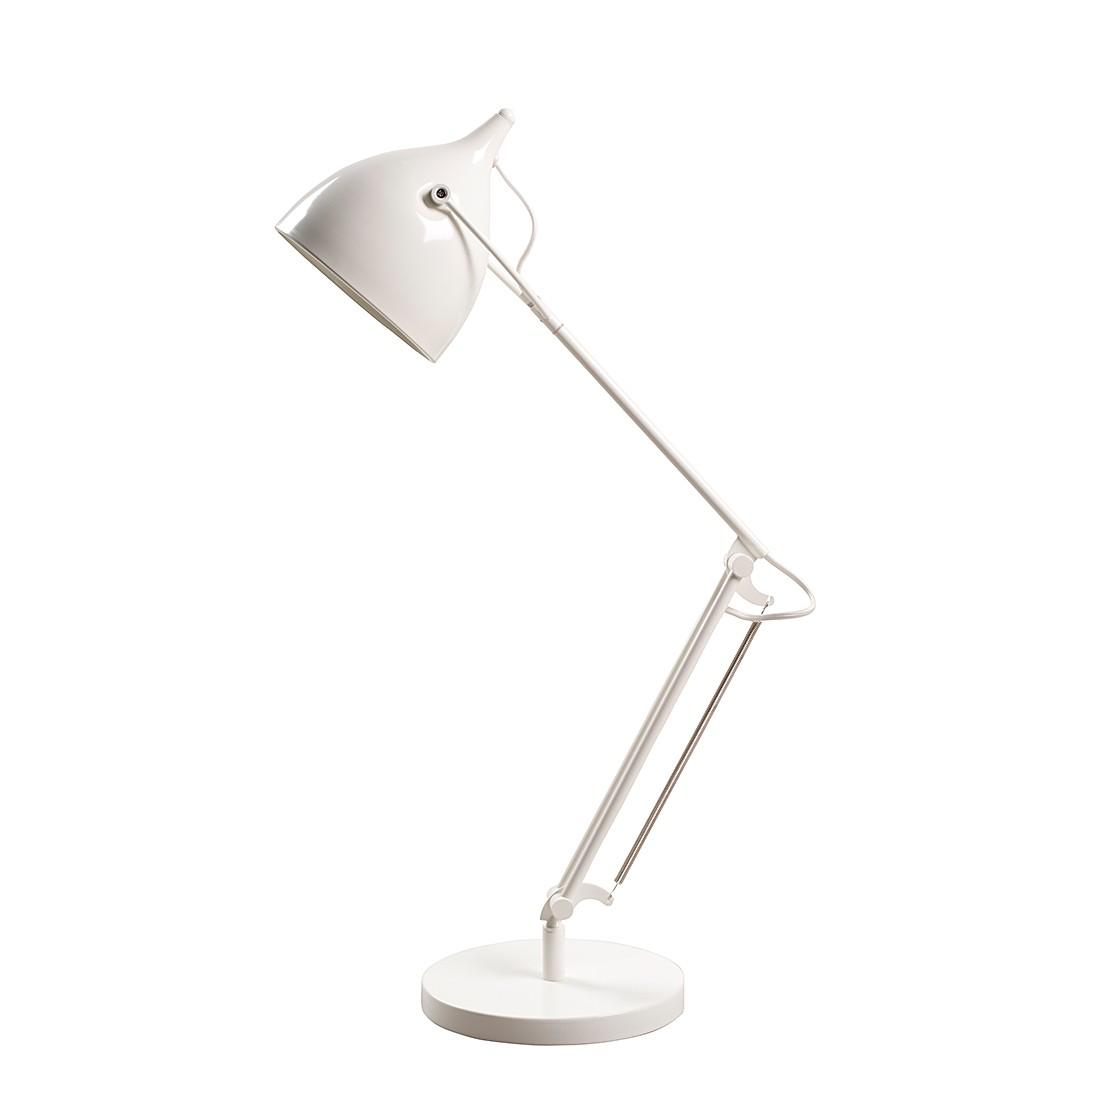 EEK A++, Lampe de table Reader - Métal blanc, Zuiver